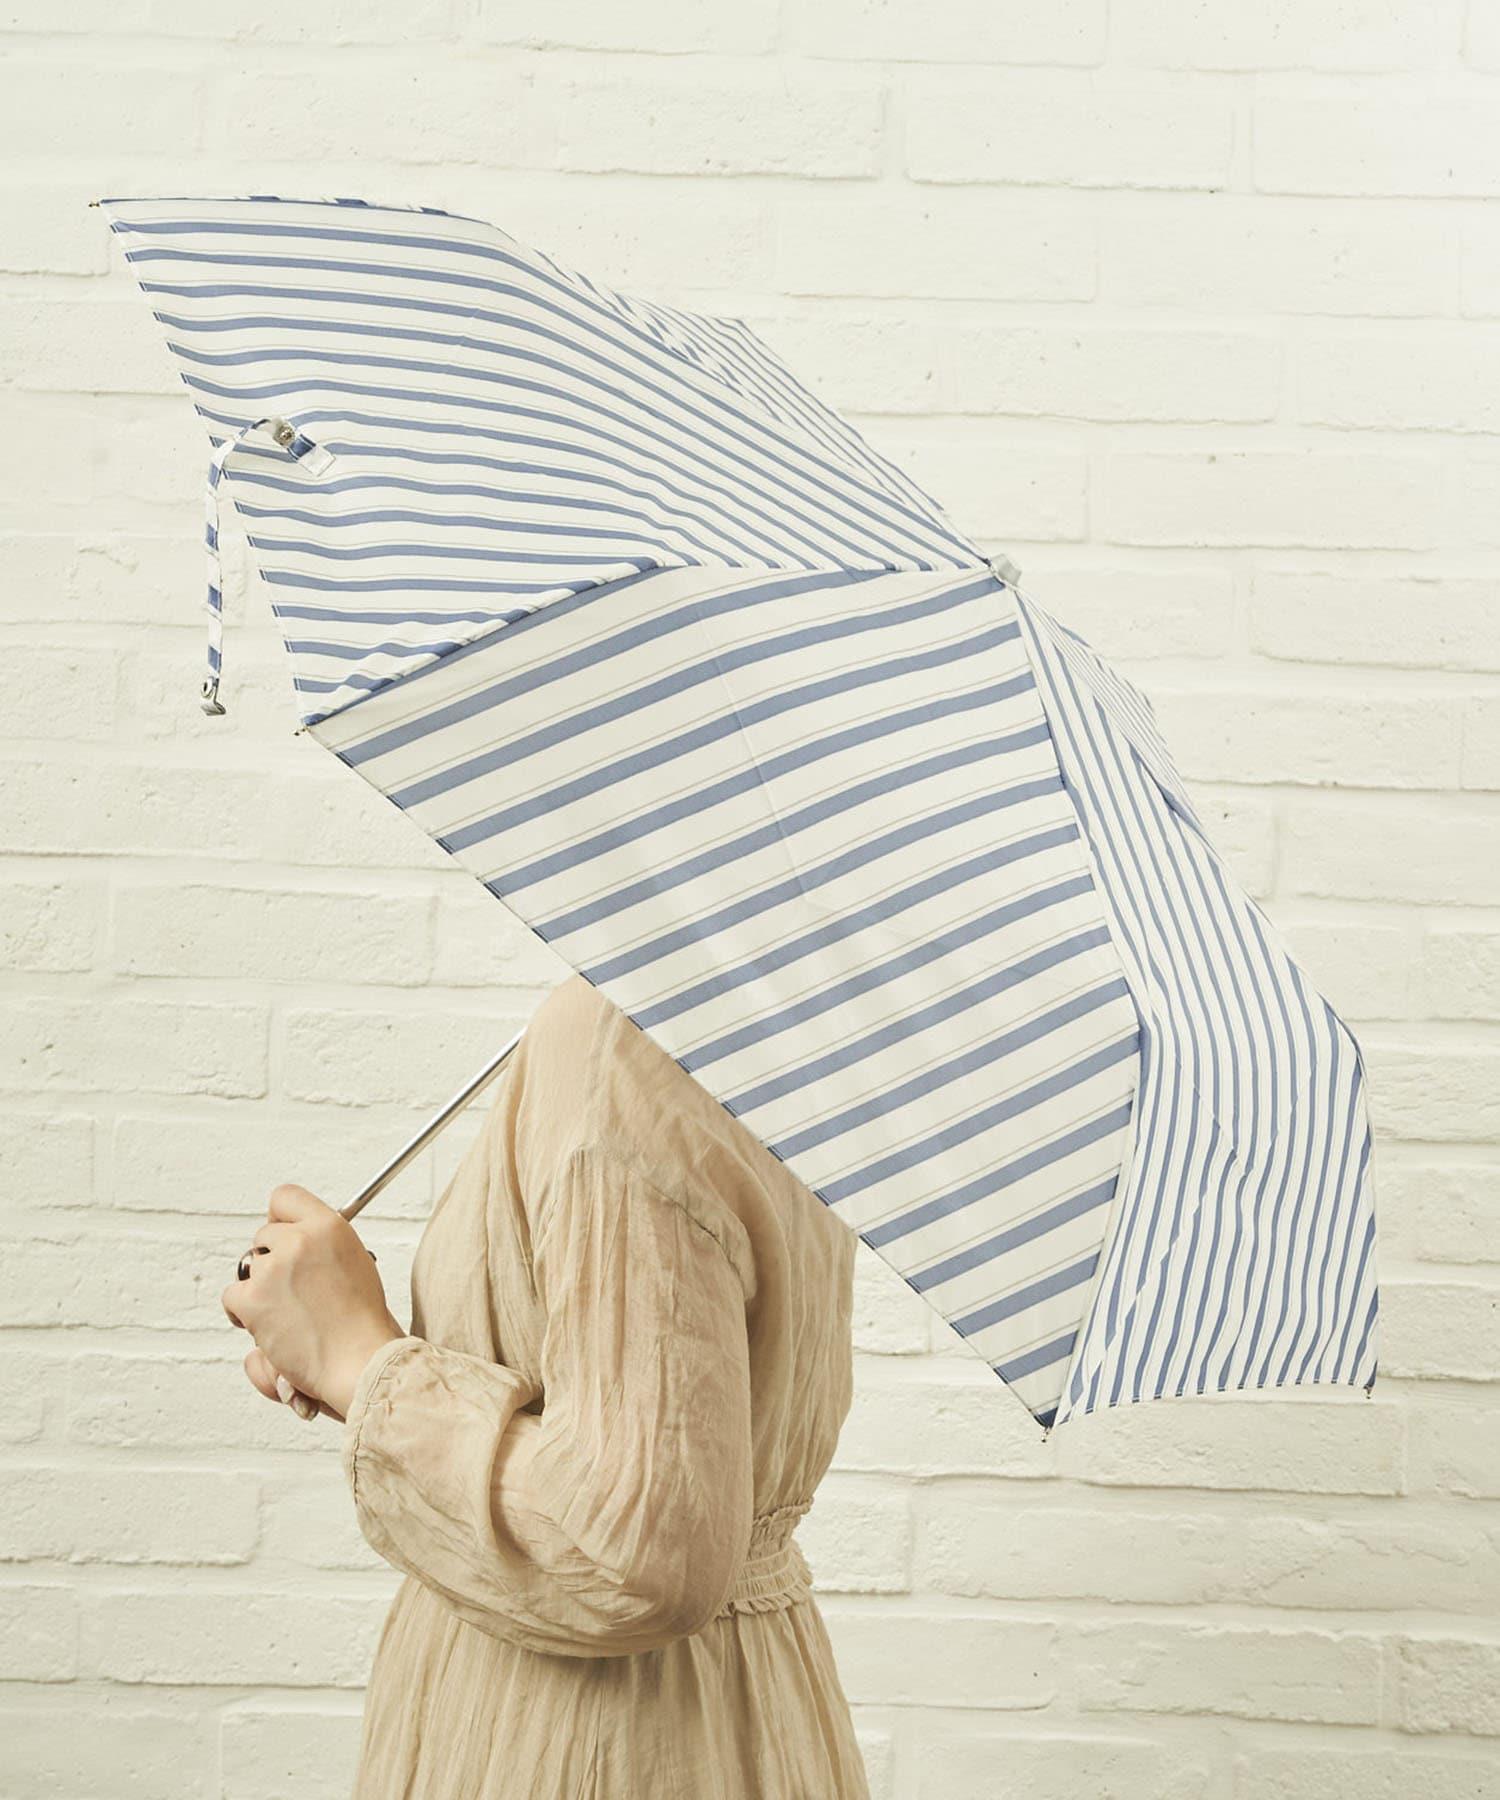 salut!(サリュ) ライフスタイル 雨傘折バイアス(ネイビー) その他